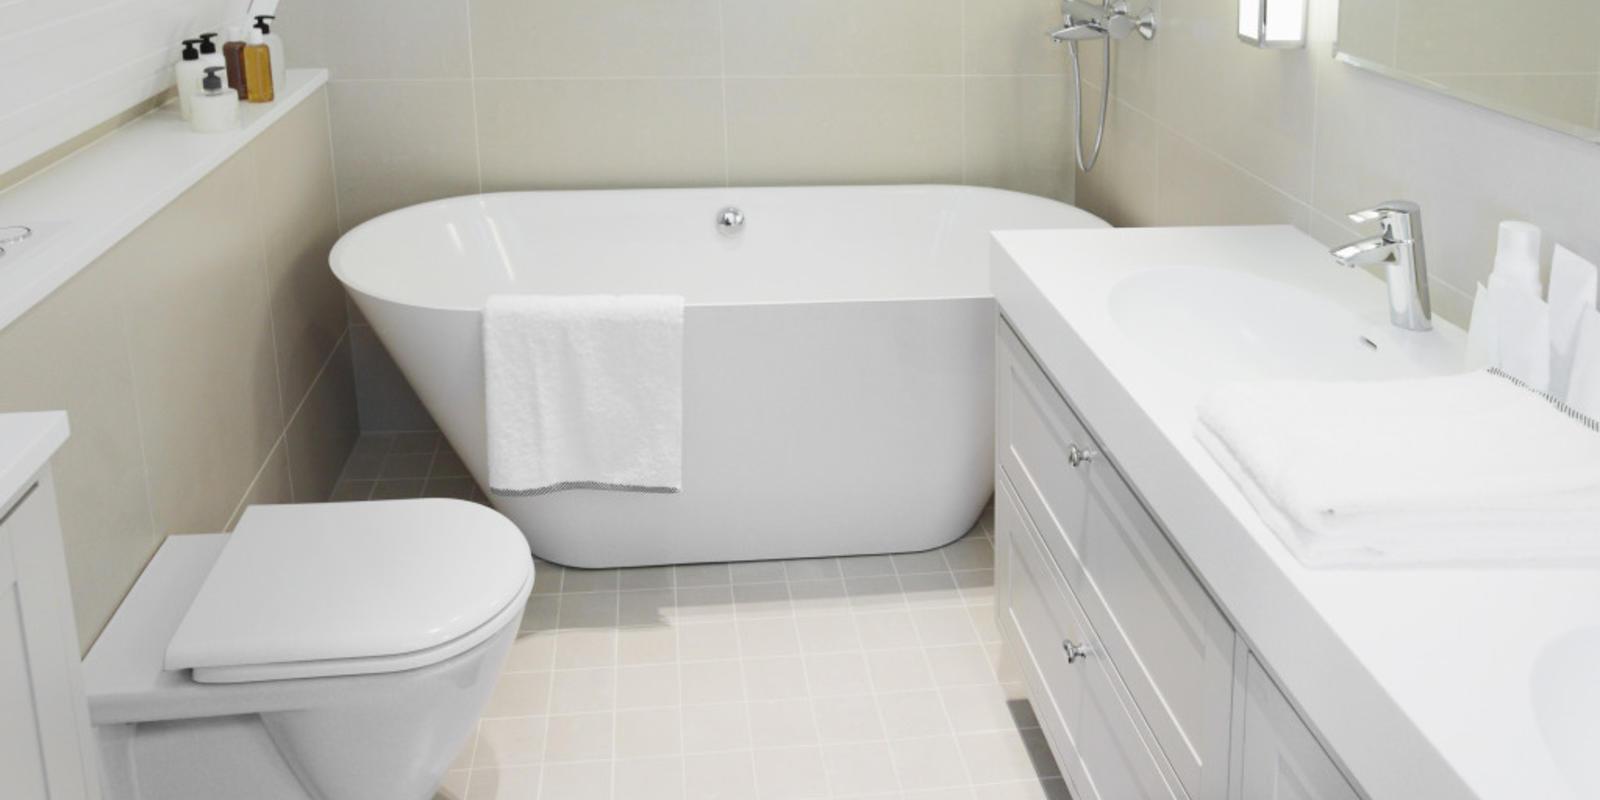 zeer kleine badkamer